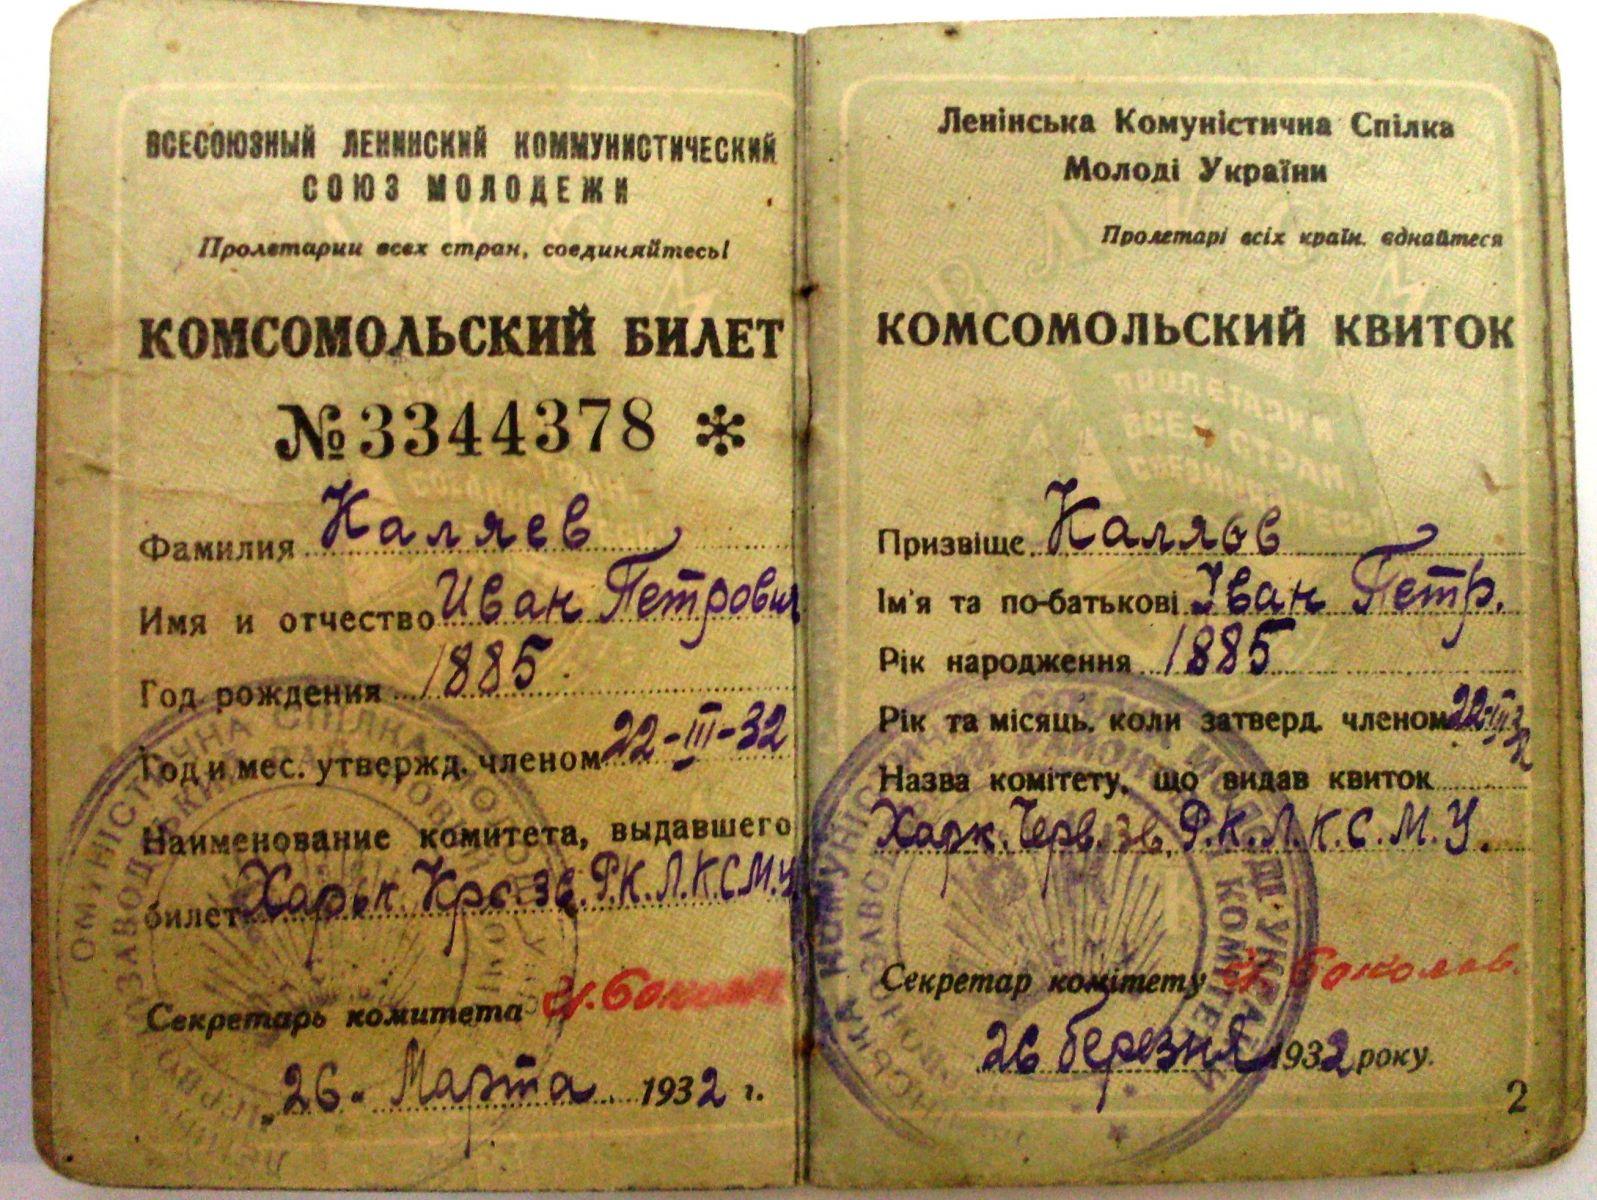 Комсомольський квиток Івана Каляєва. У віці 47 (!) років чомусь згадав молодість. З колекції ХІМ